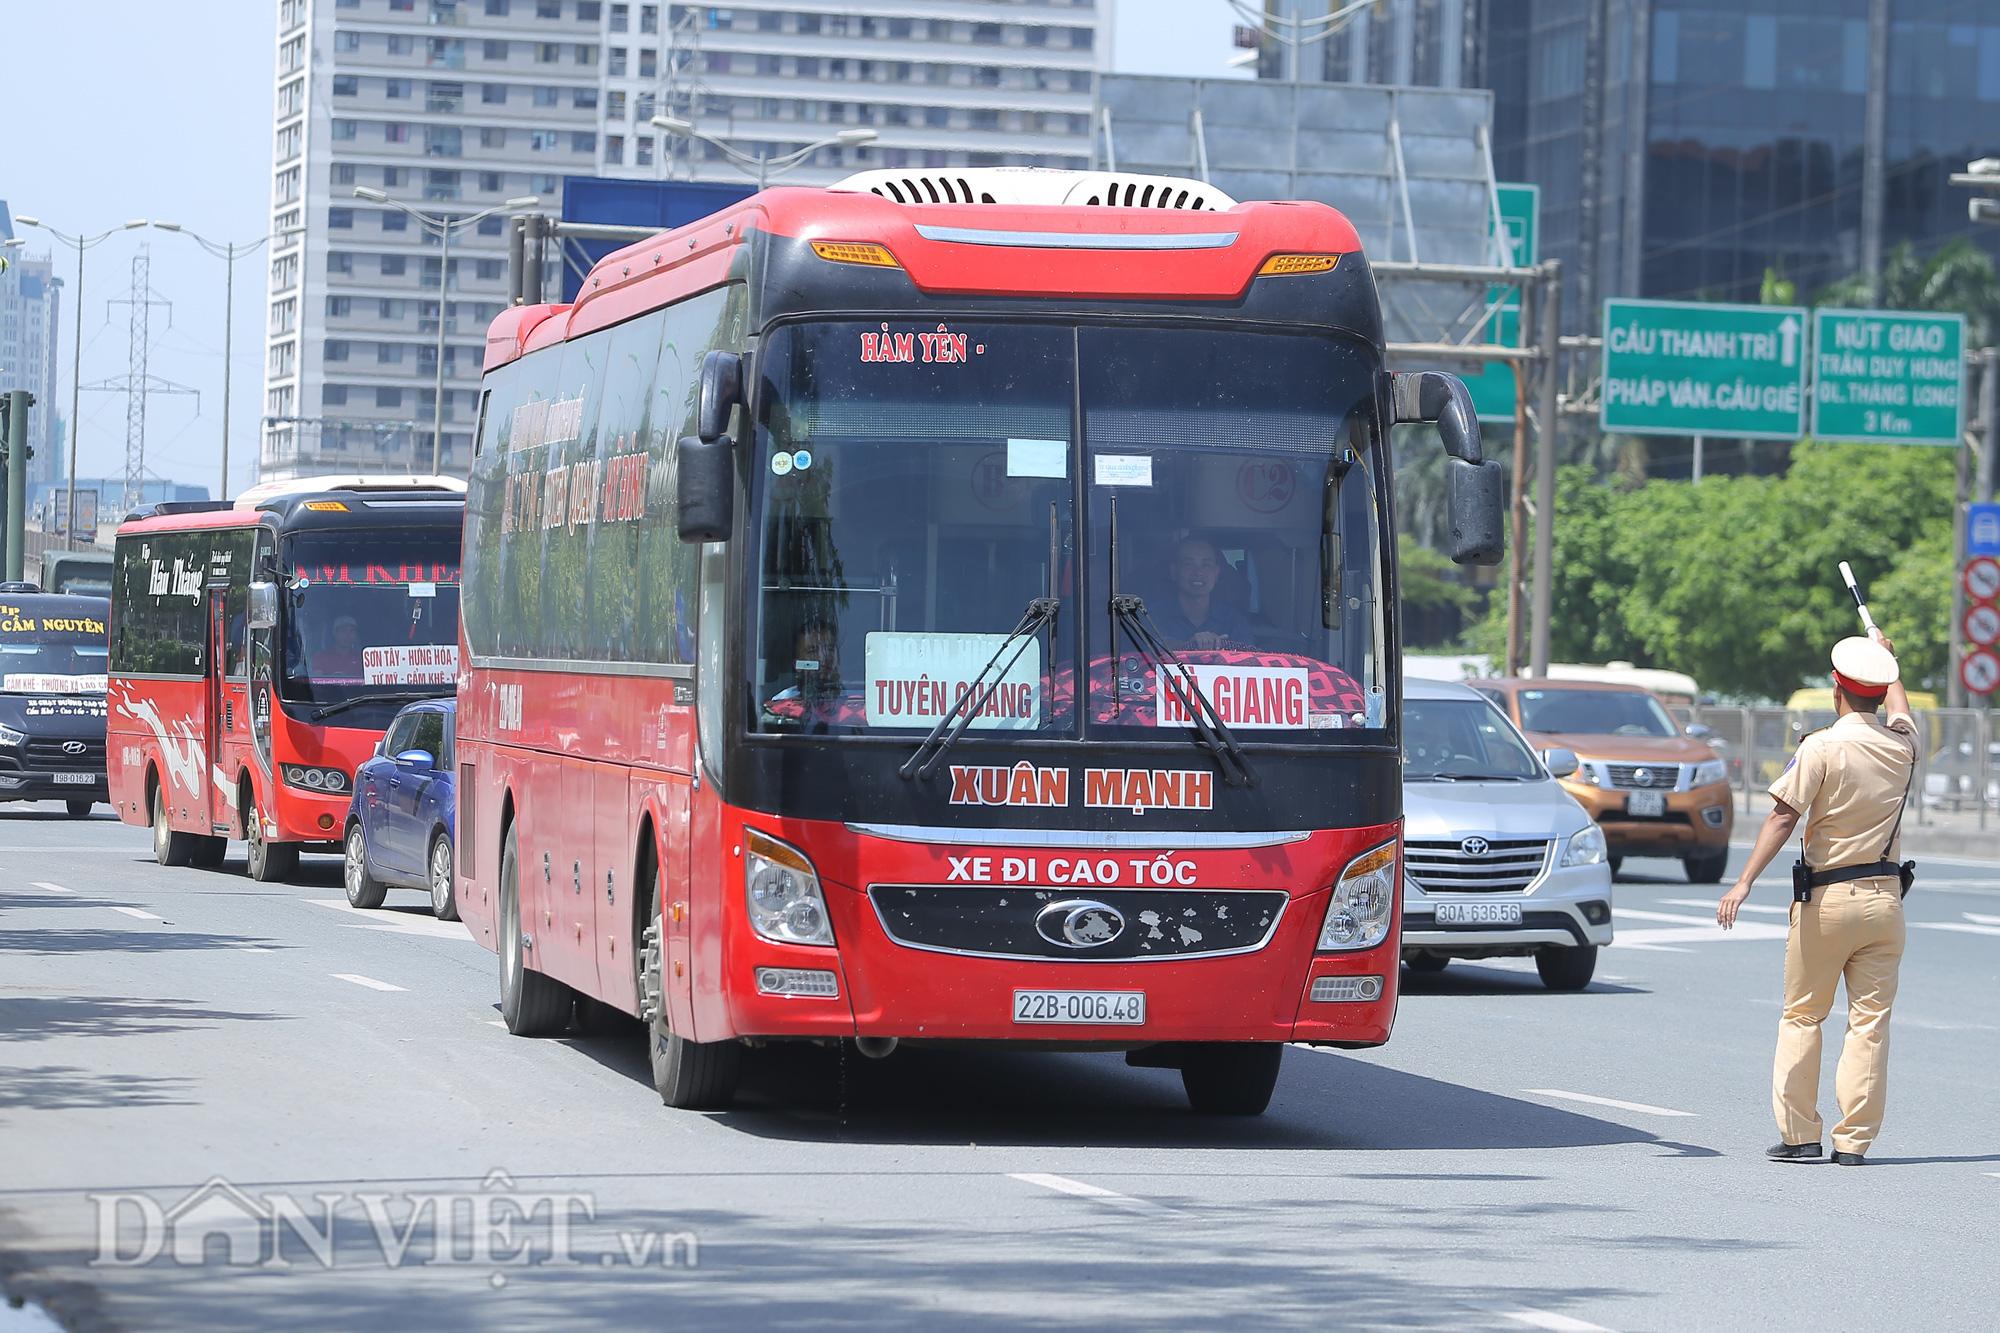 """Hàng loạt xe chạy """"rùa bò"""", bắt khách dọc đường bị CSGT Hà Nội xử lý - Ảnh 1."""